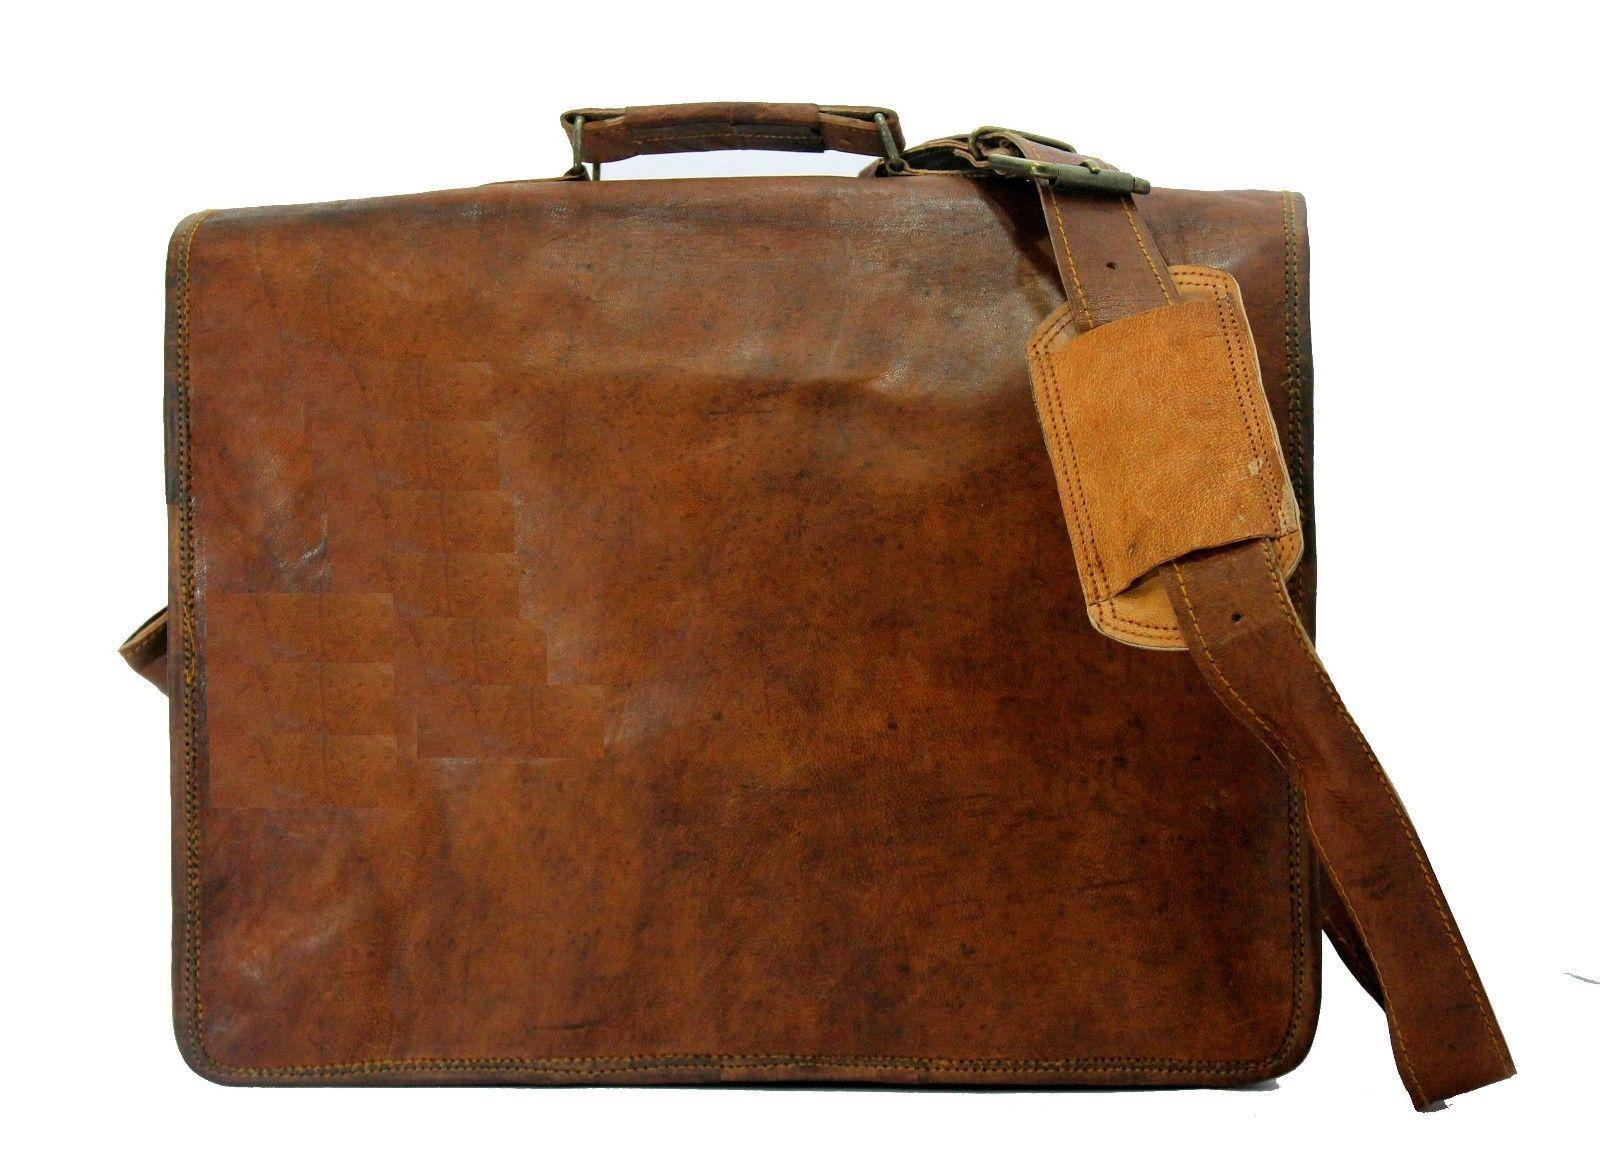 mens leather messenger brown shoulder briefcase bag  | Leather messenger bag | image 4